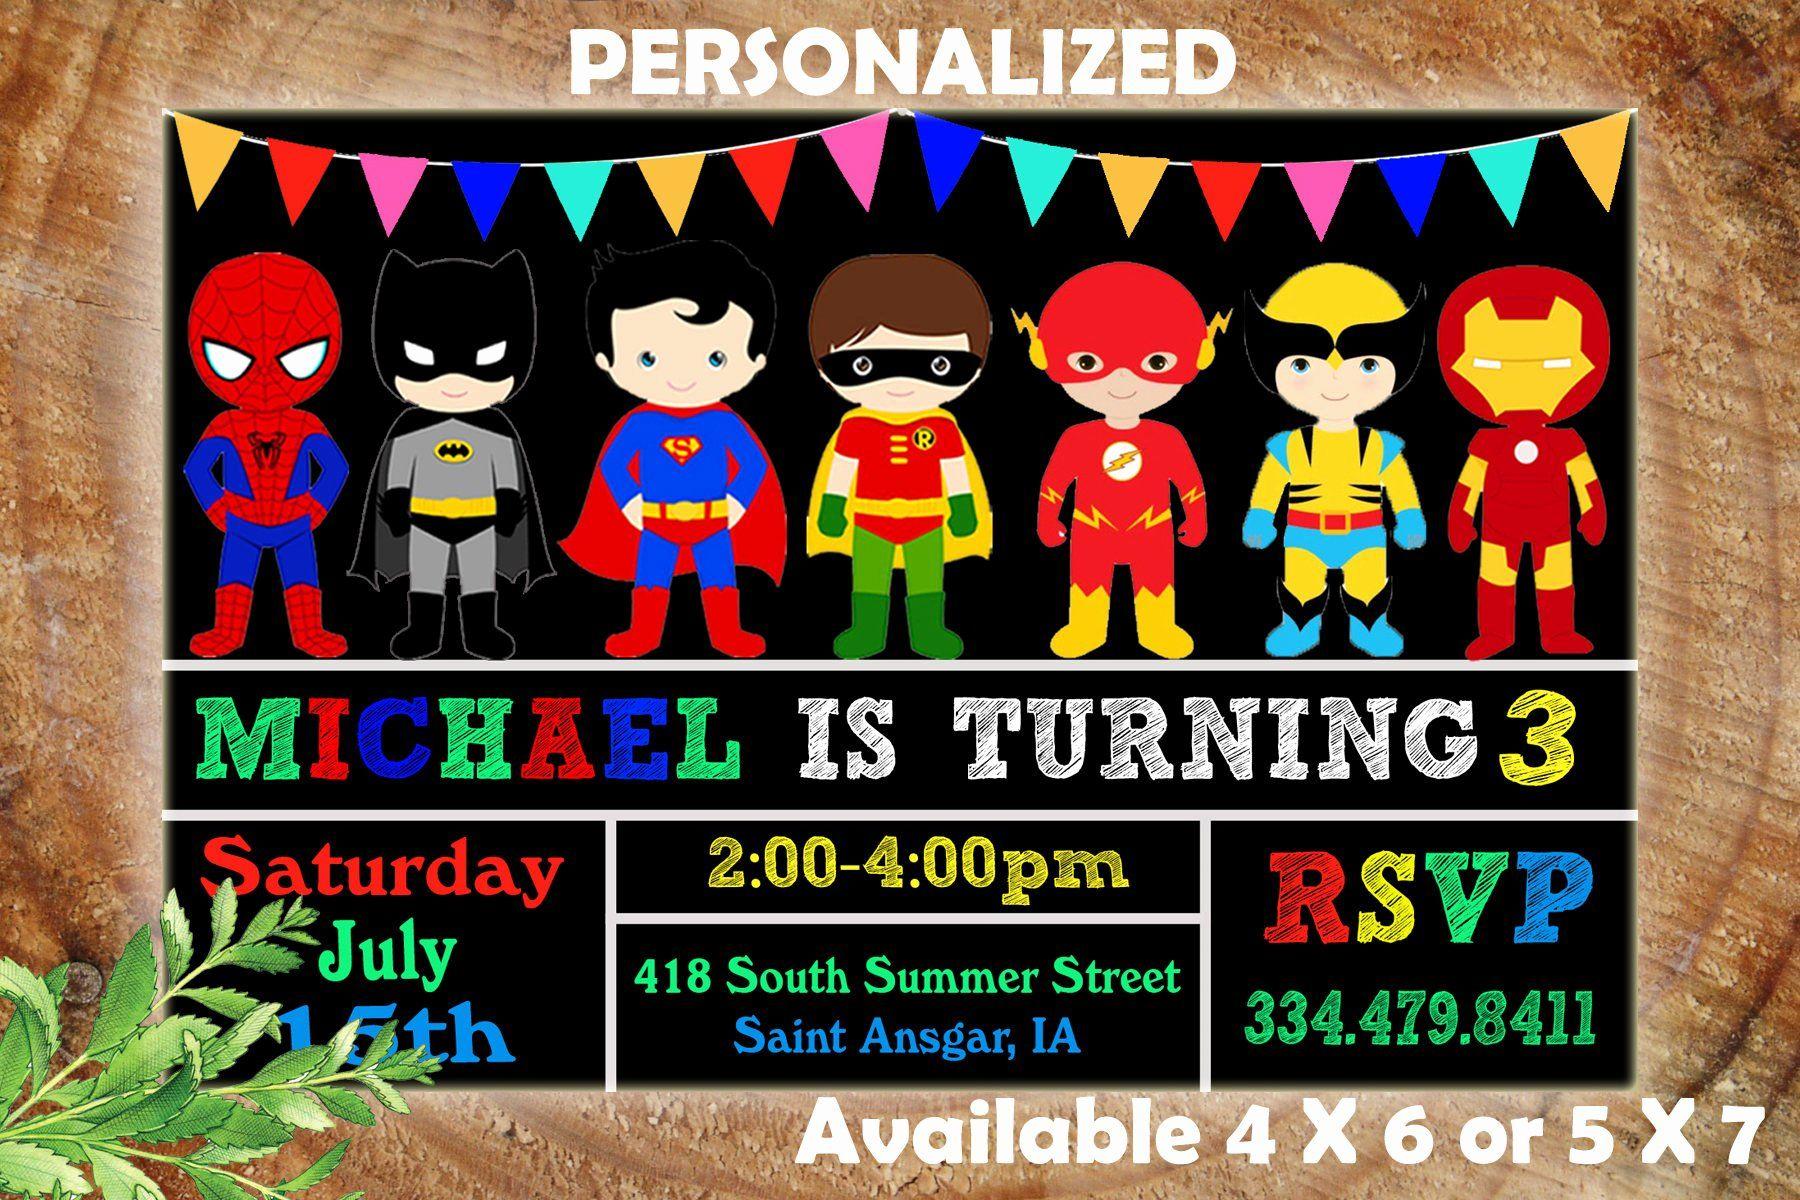 Superhero Party Invitation Template Free Beautiful Super Hero Invitation Super Superhero Birthday Invitations Superhero Party Invitations Party Invite Template